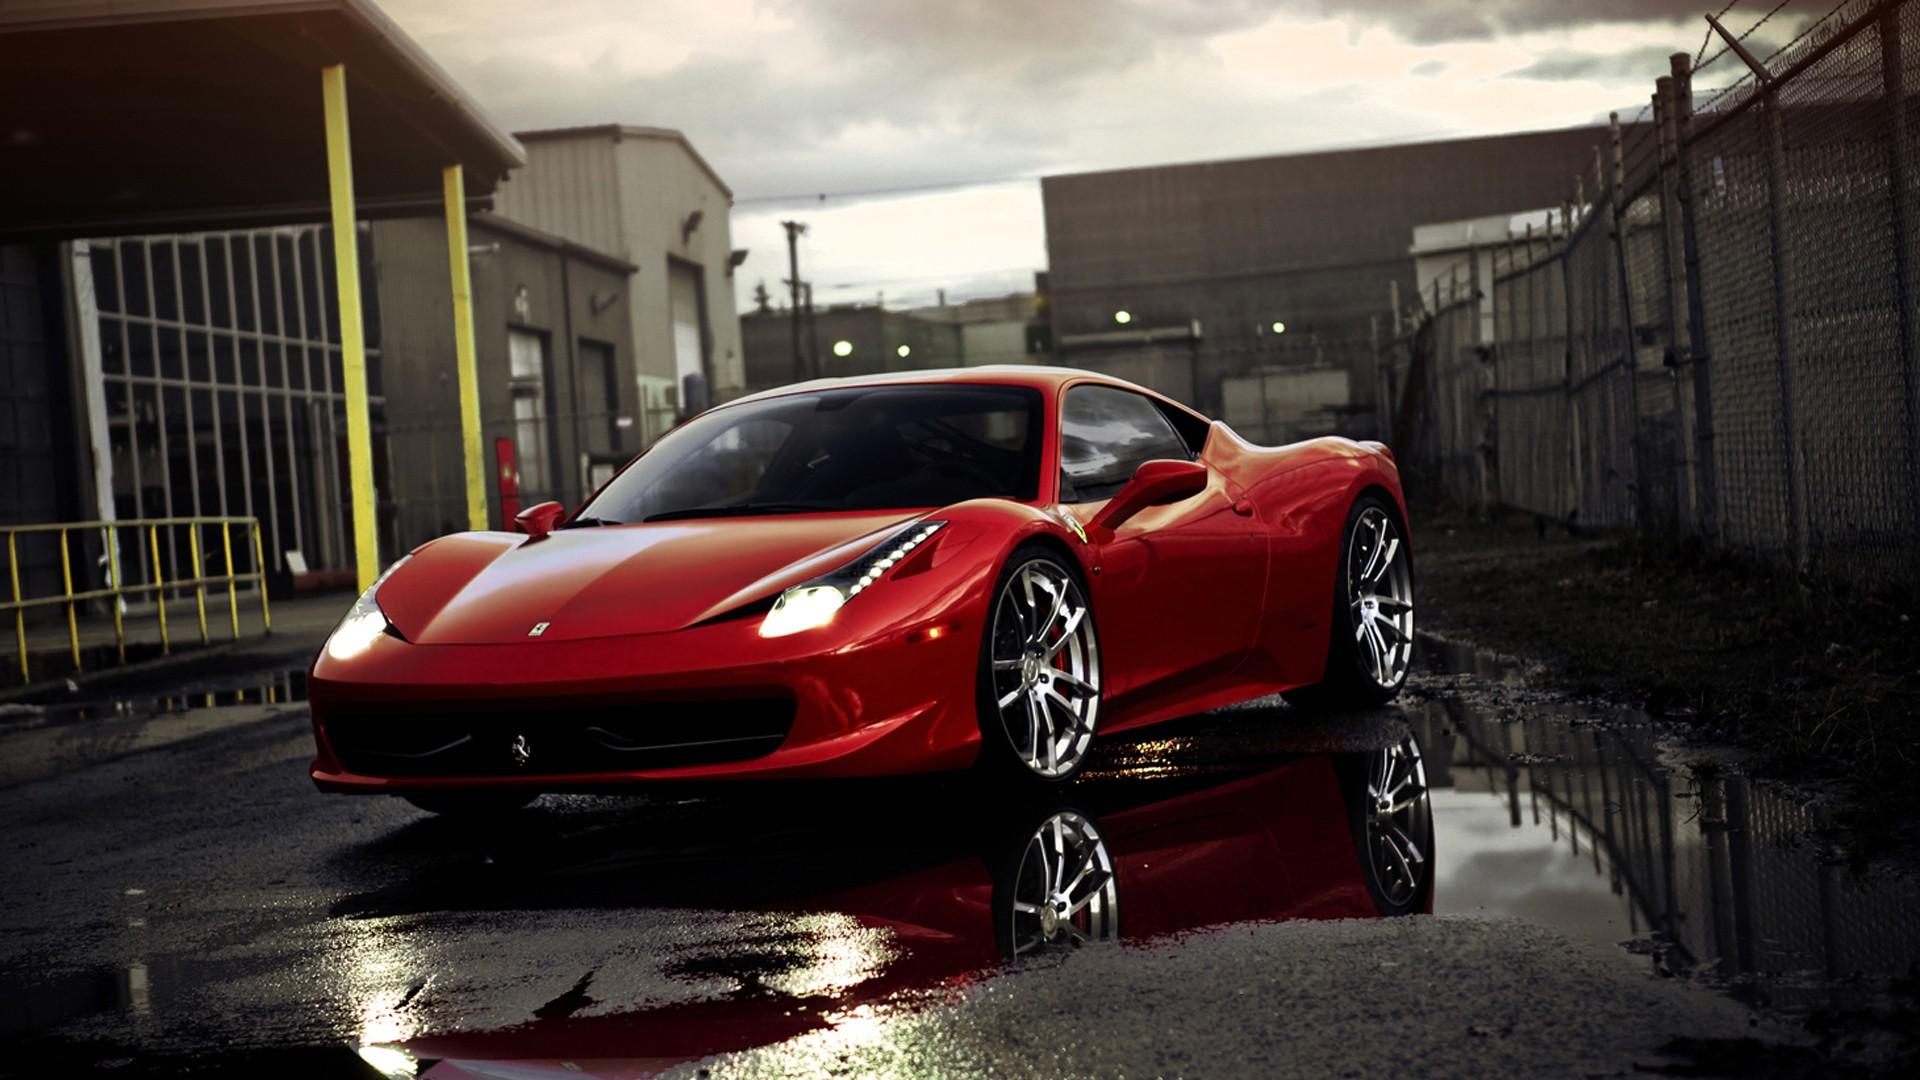 Ferrari 458 Italia Sports Cars HD Wallpaper Ferrari 458 Italia Sports 1920x1080